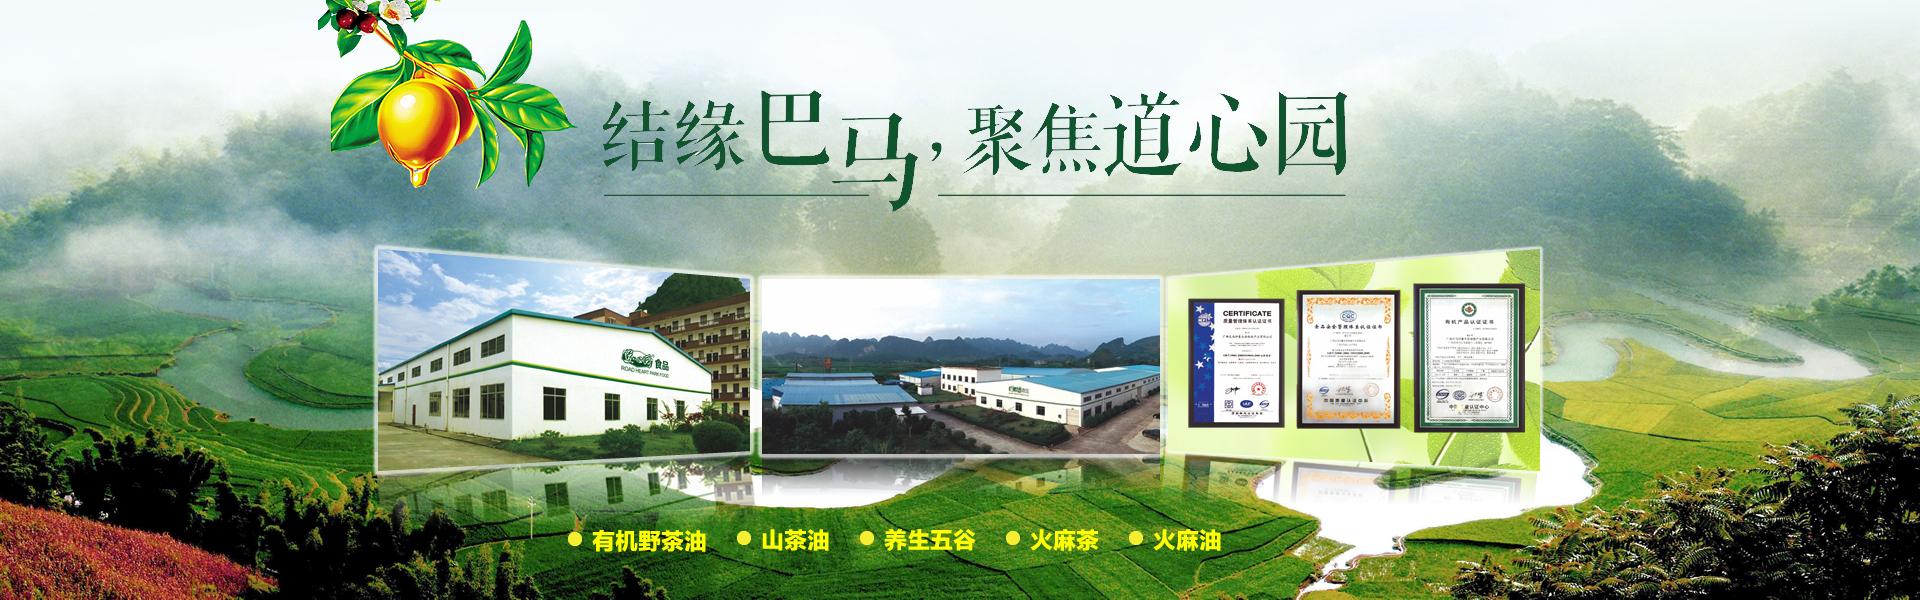 广西茶油厂